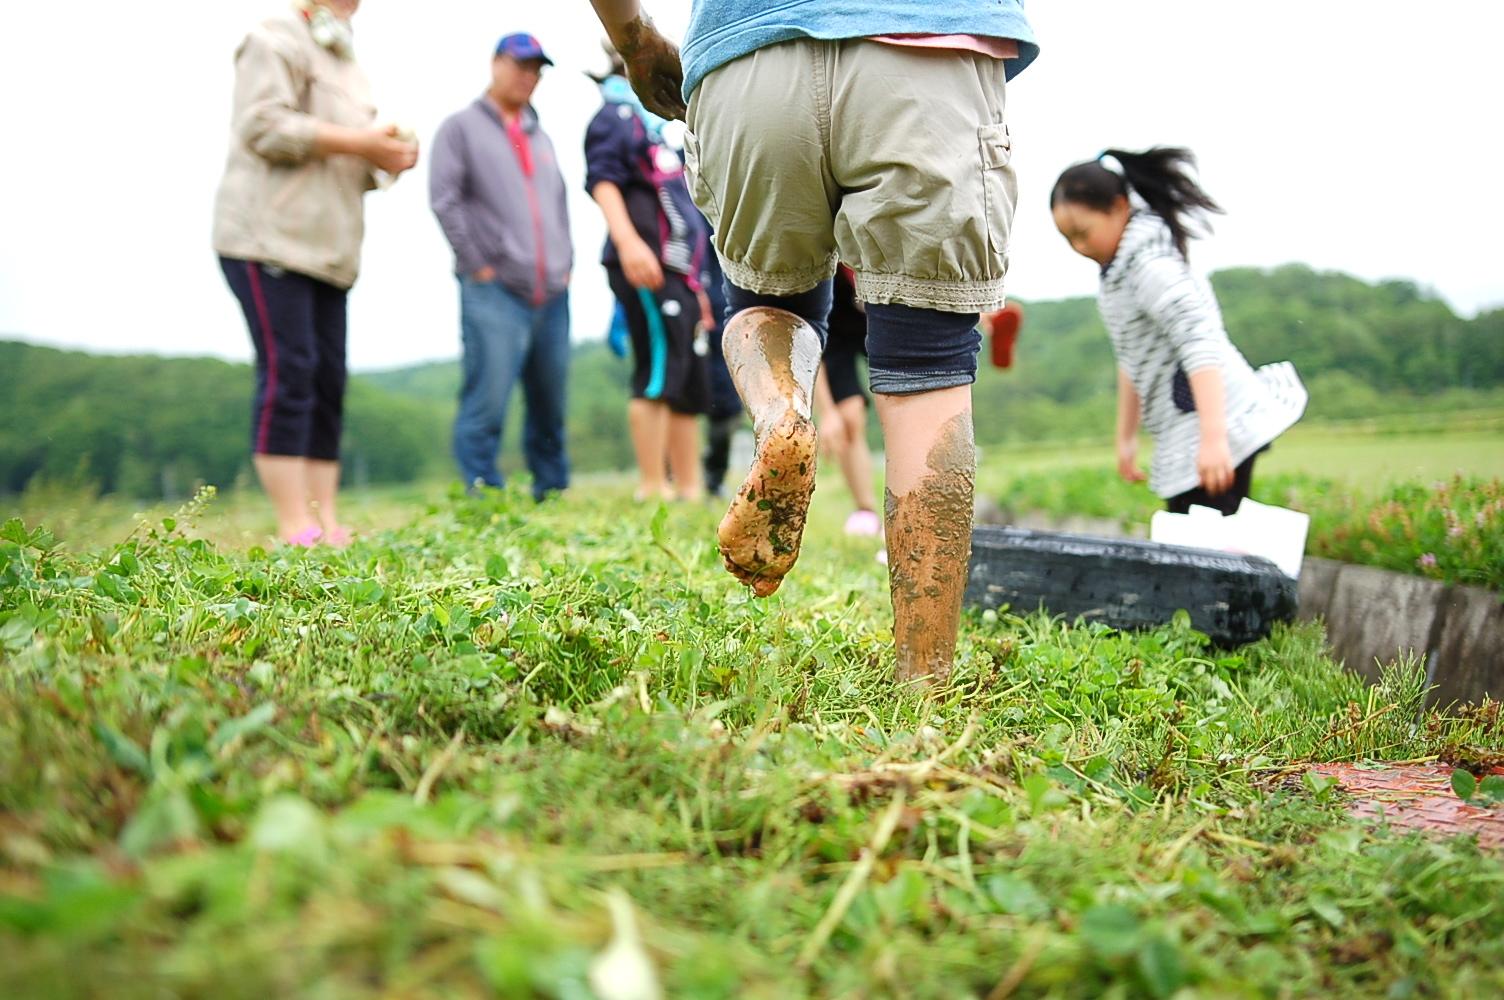 月形町の稲作農家で「田植え体験」が開催されました!